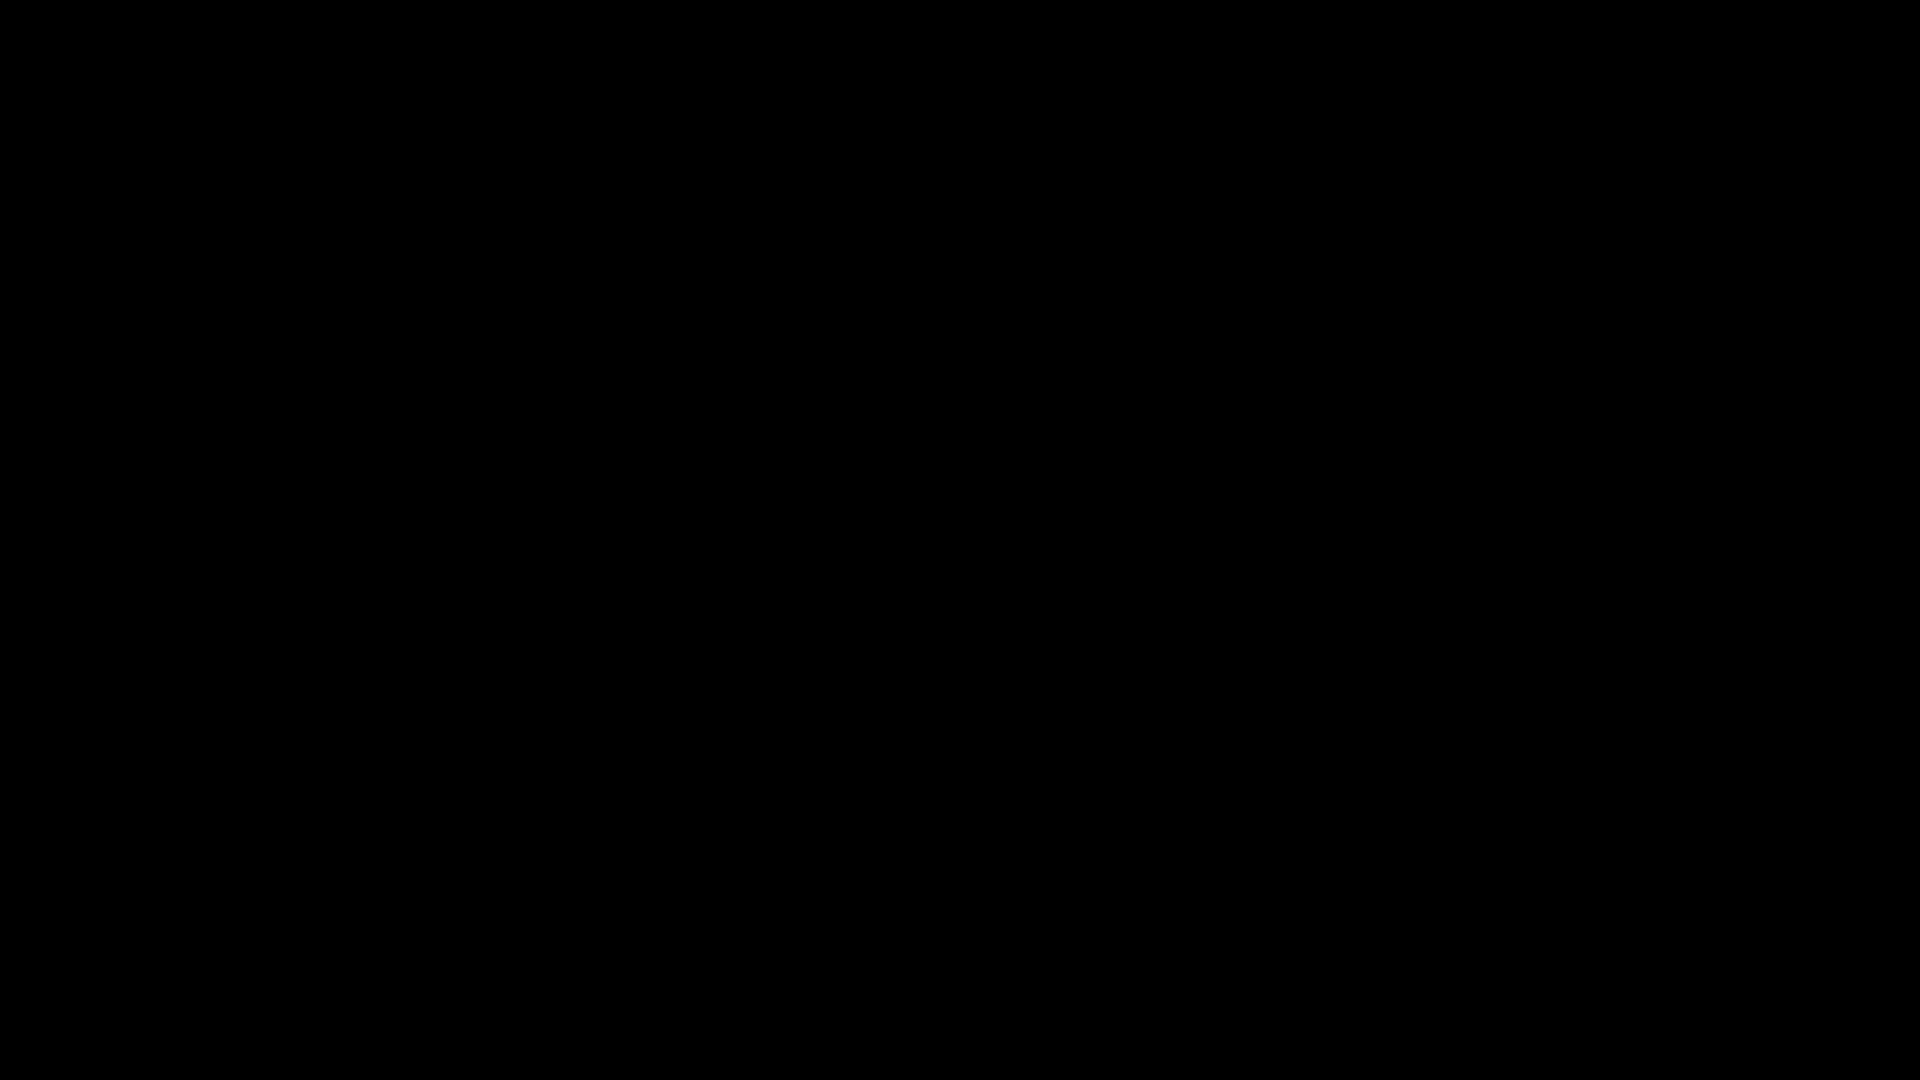 『モンスターストライク THE MOVIE』より「オルタナティブドラゴン」1